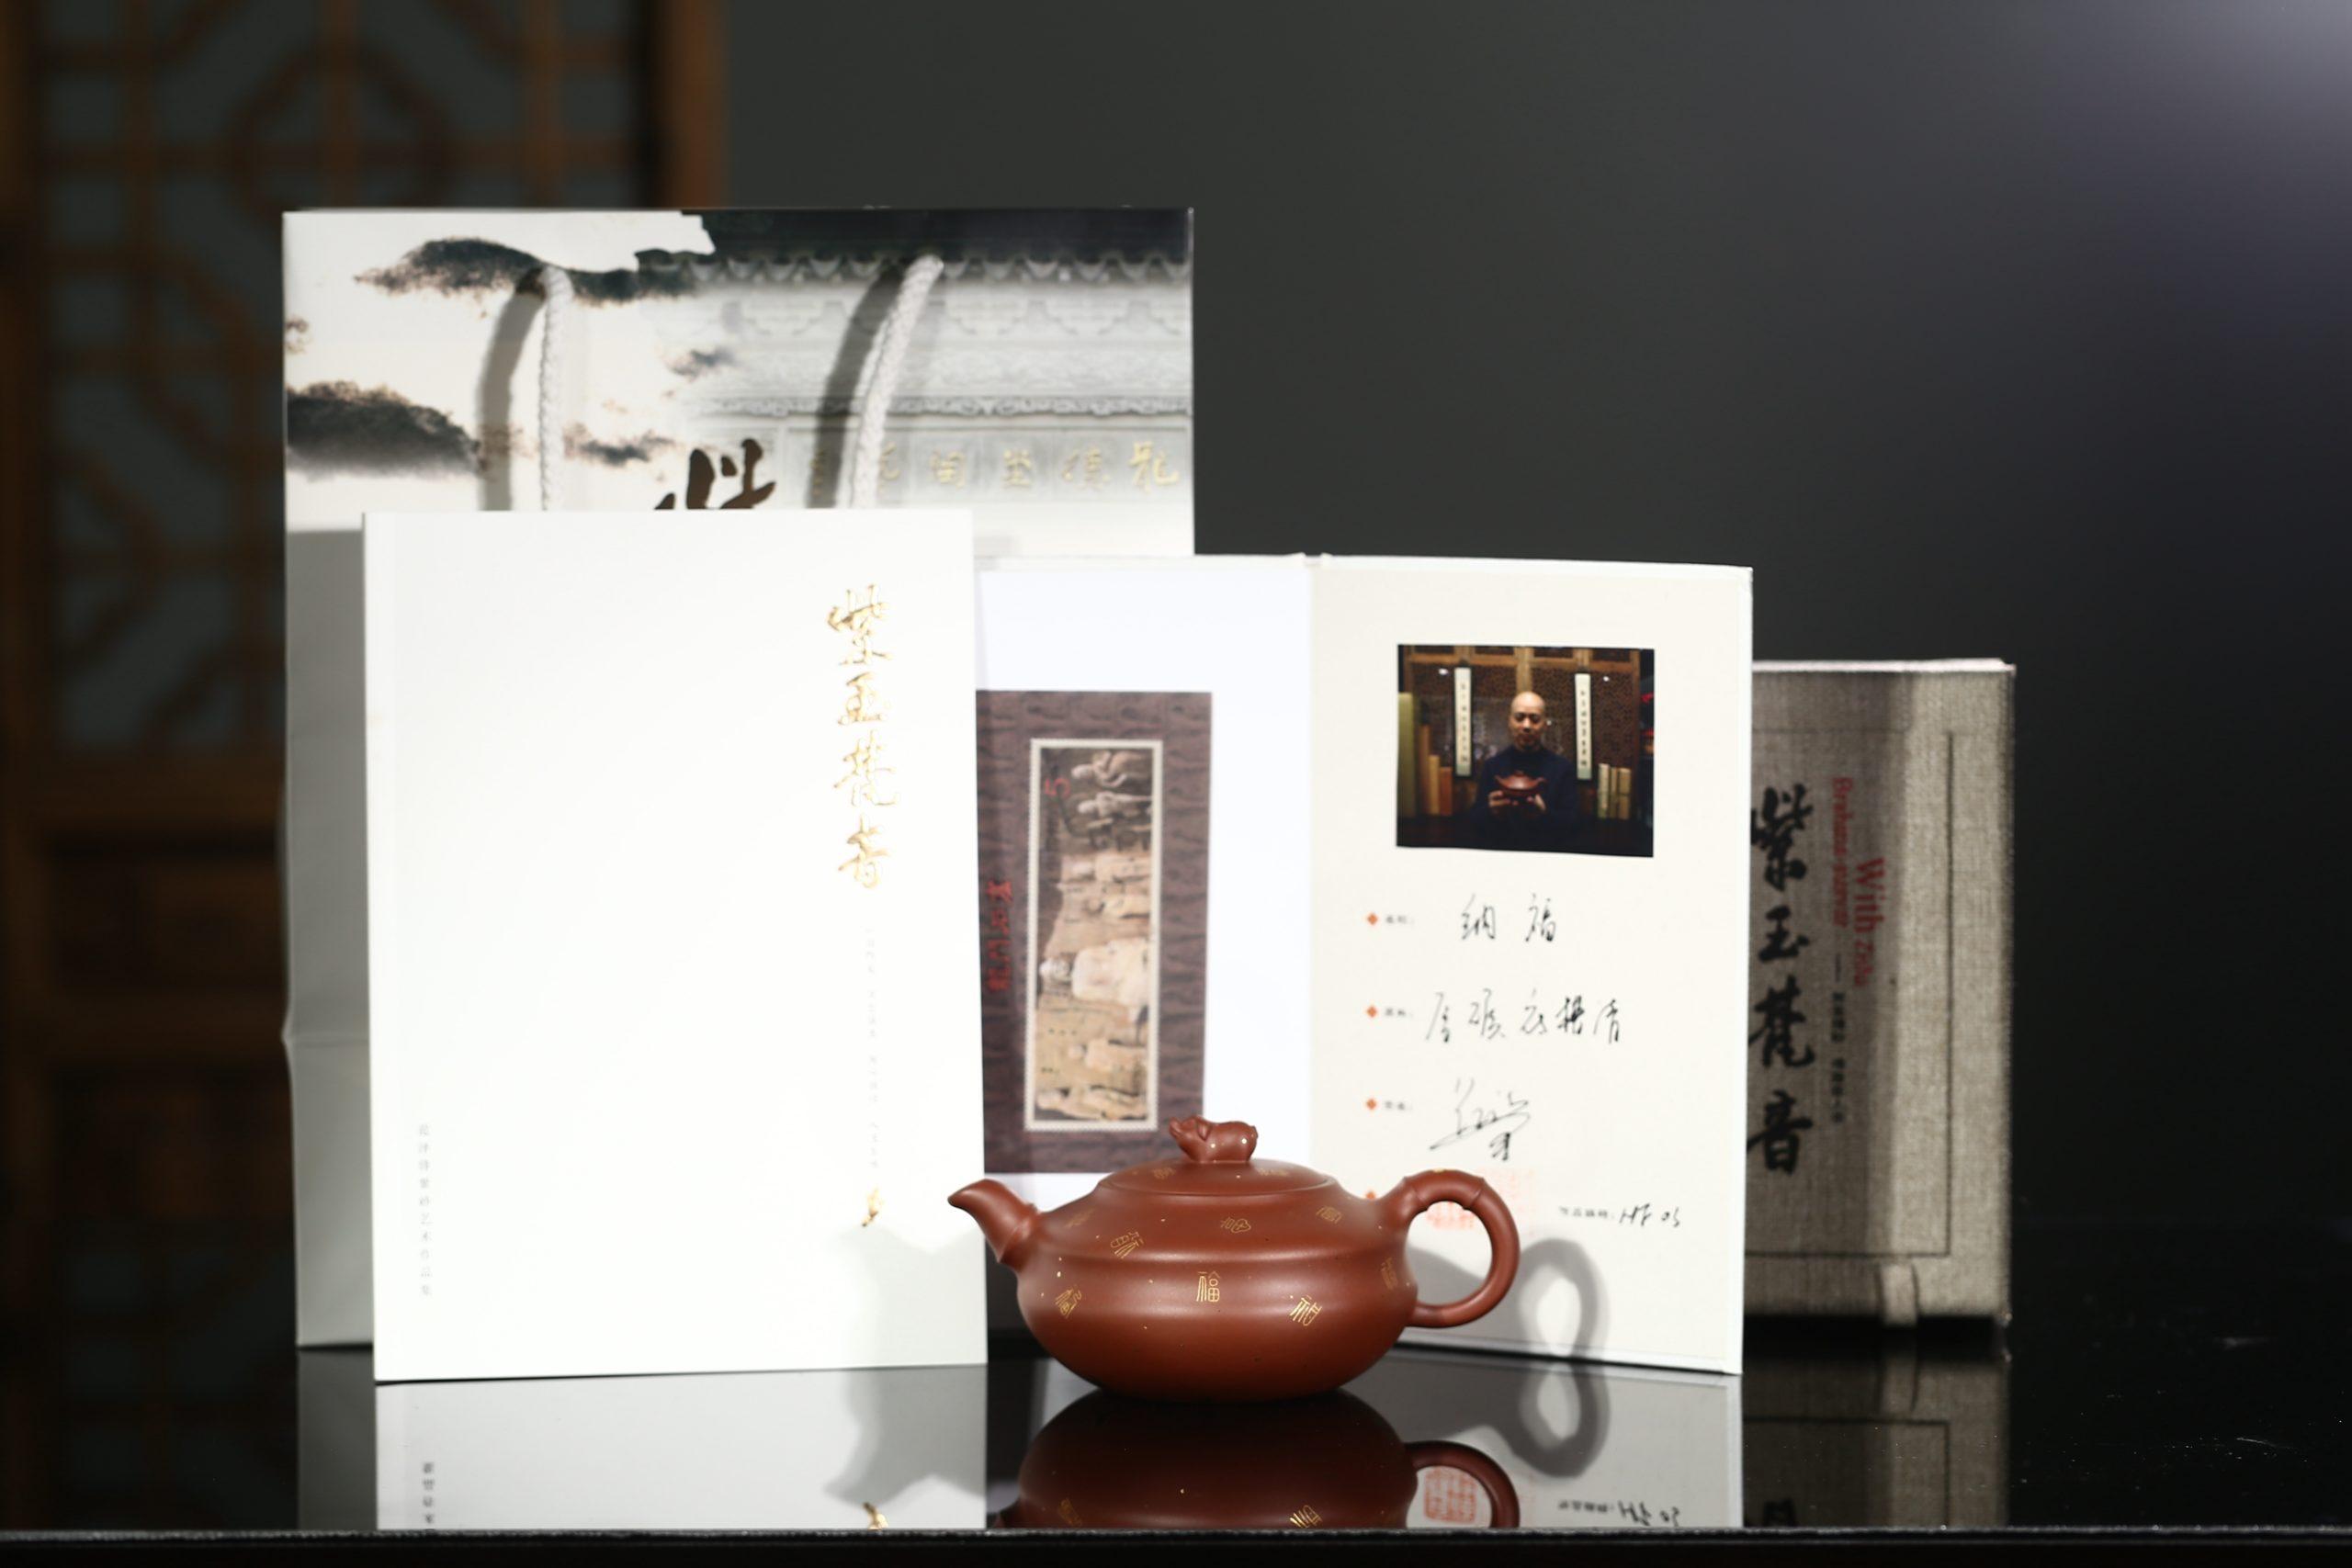 紫砂鉴赏丨范泽锋·纳福壶